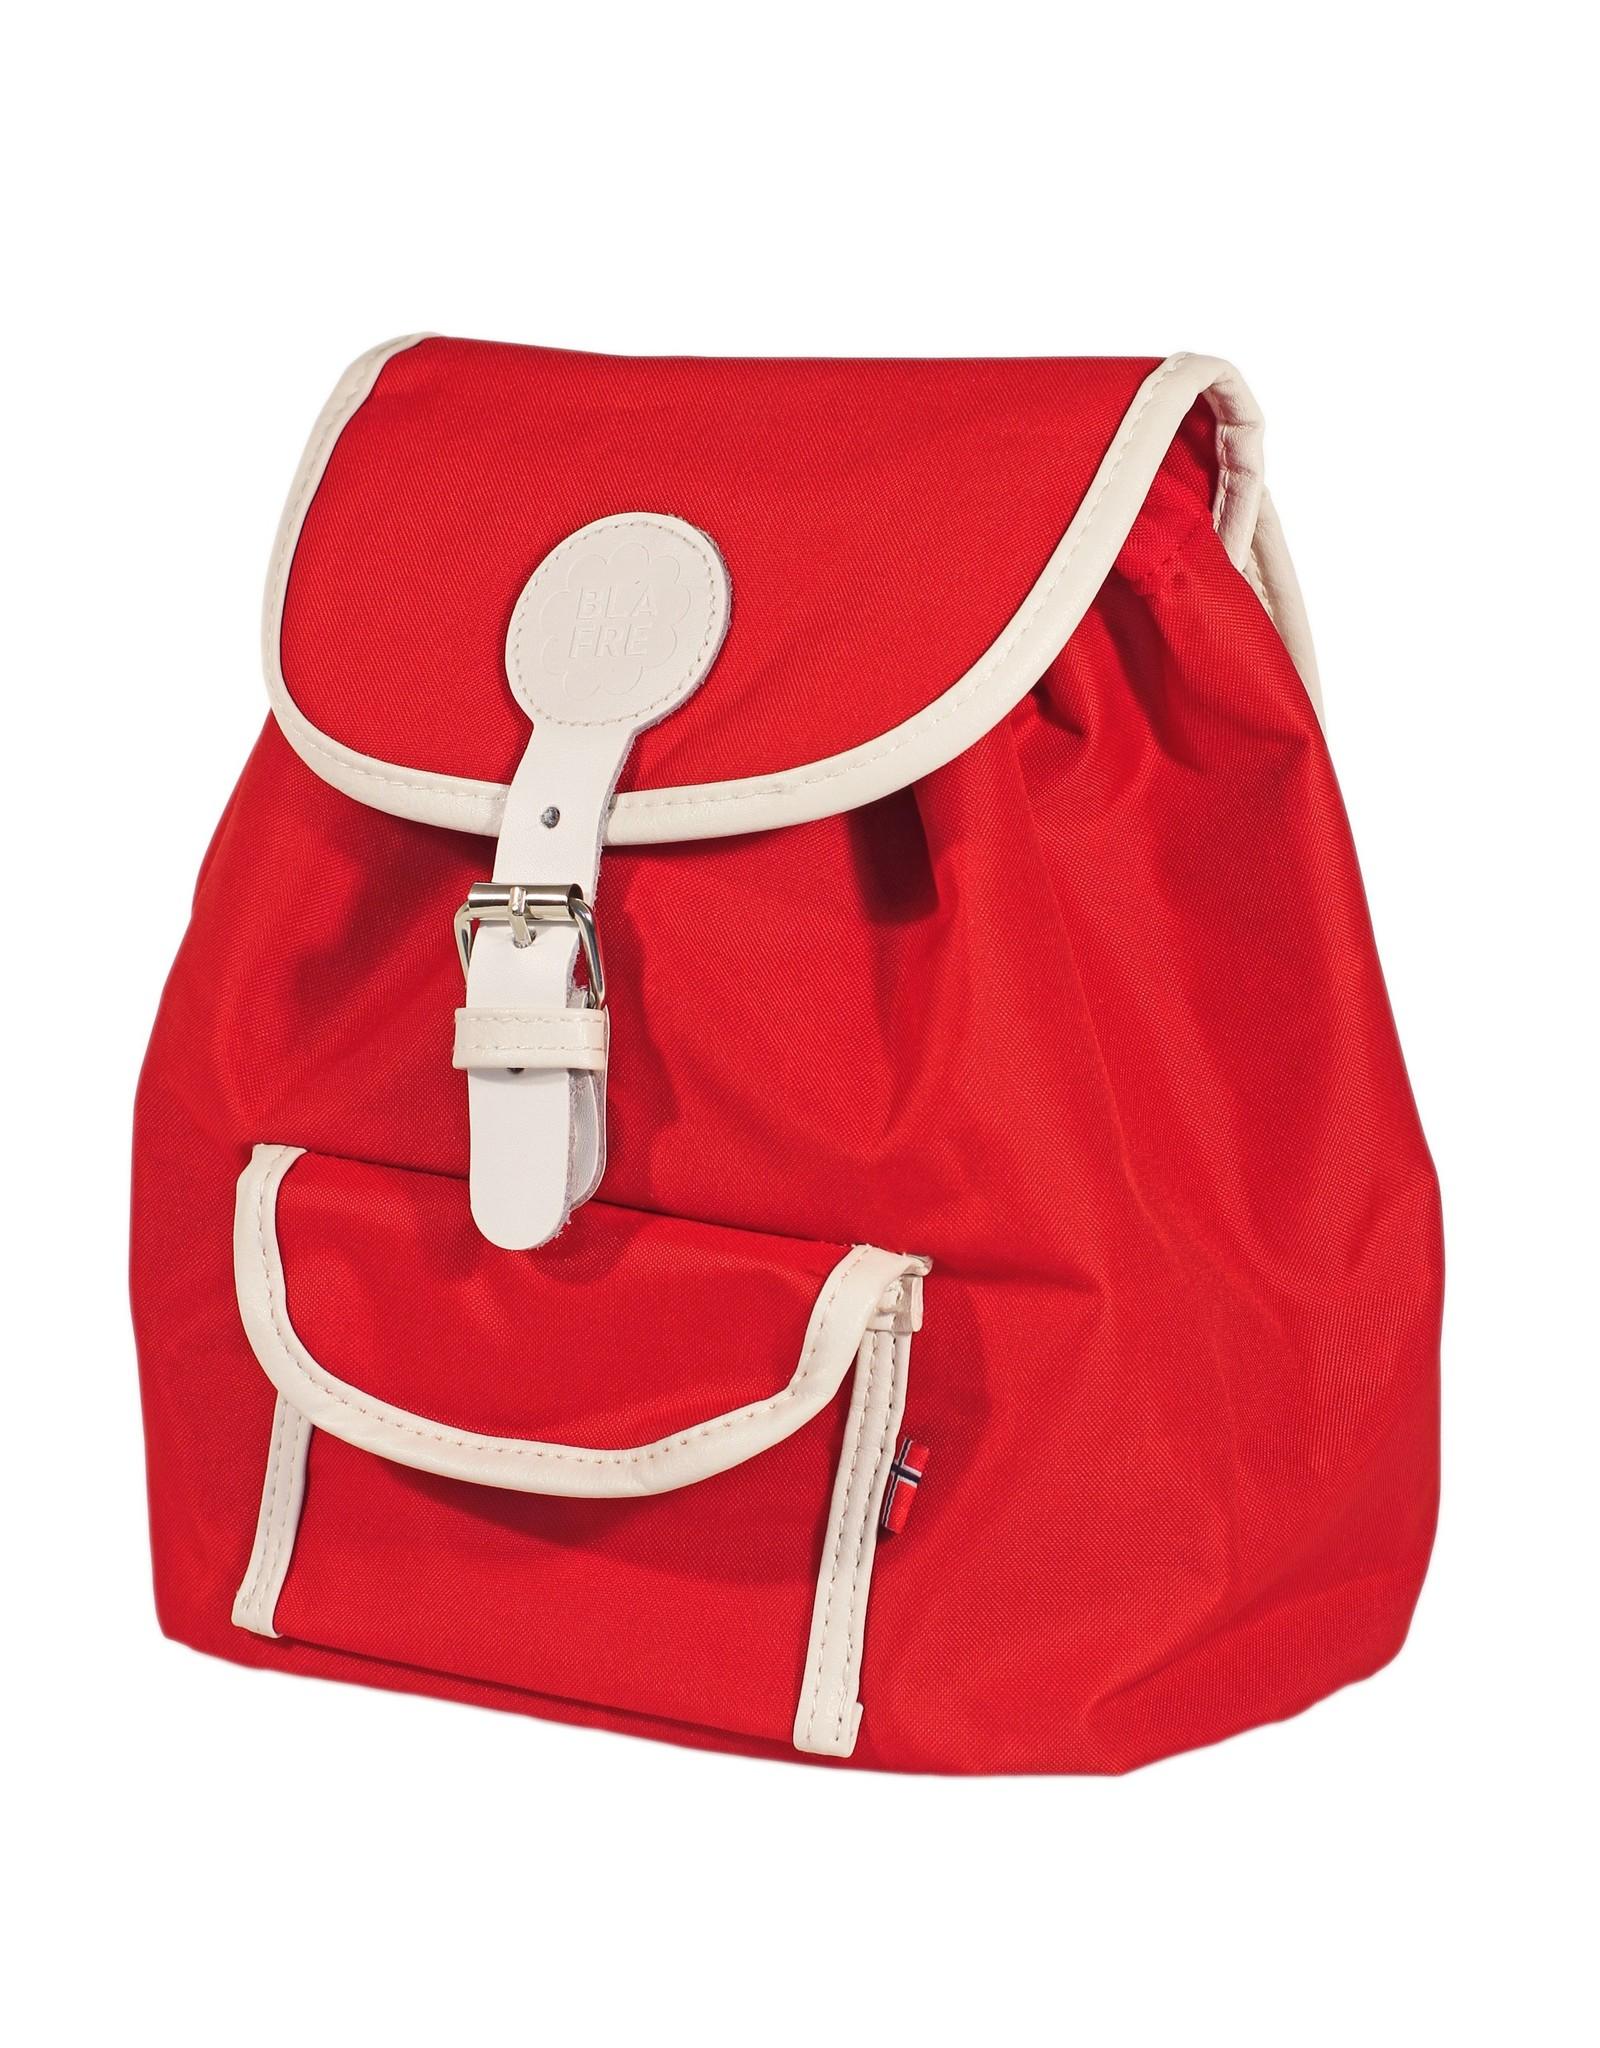 BLAFRE Blafre sac a dos 3-5ans rouge